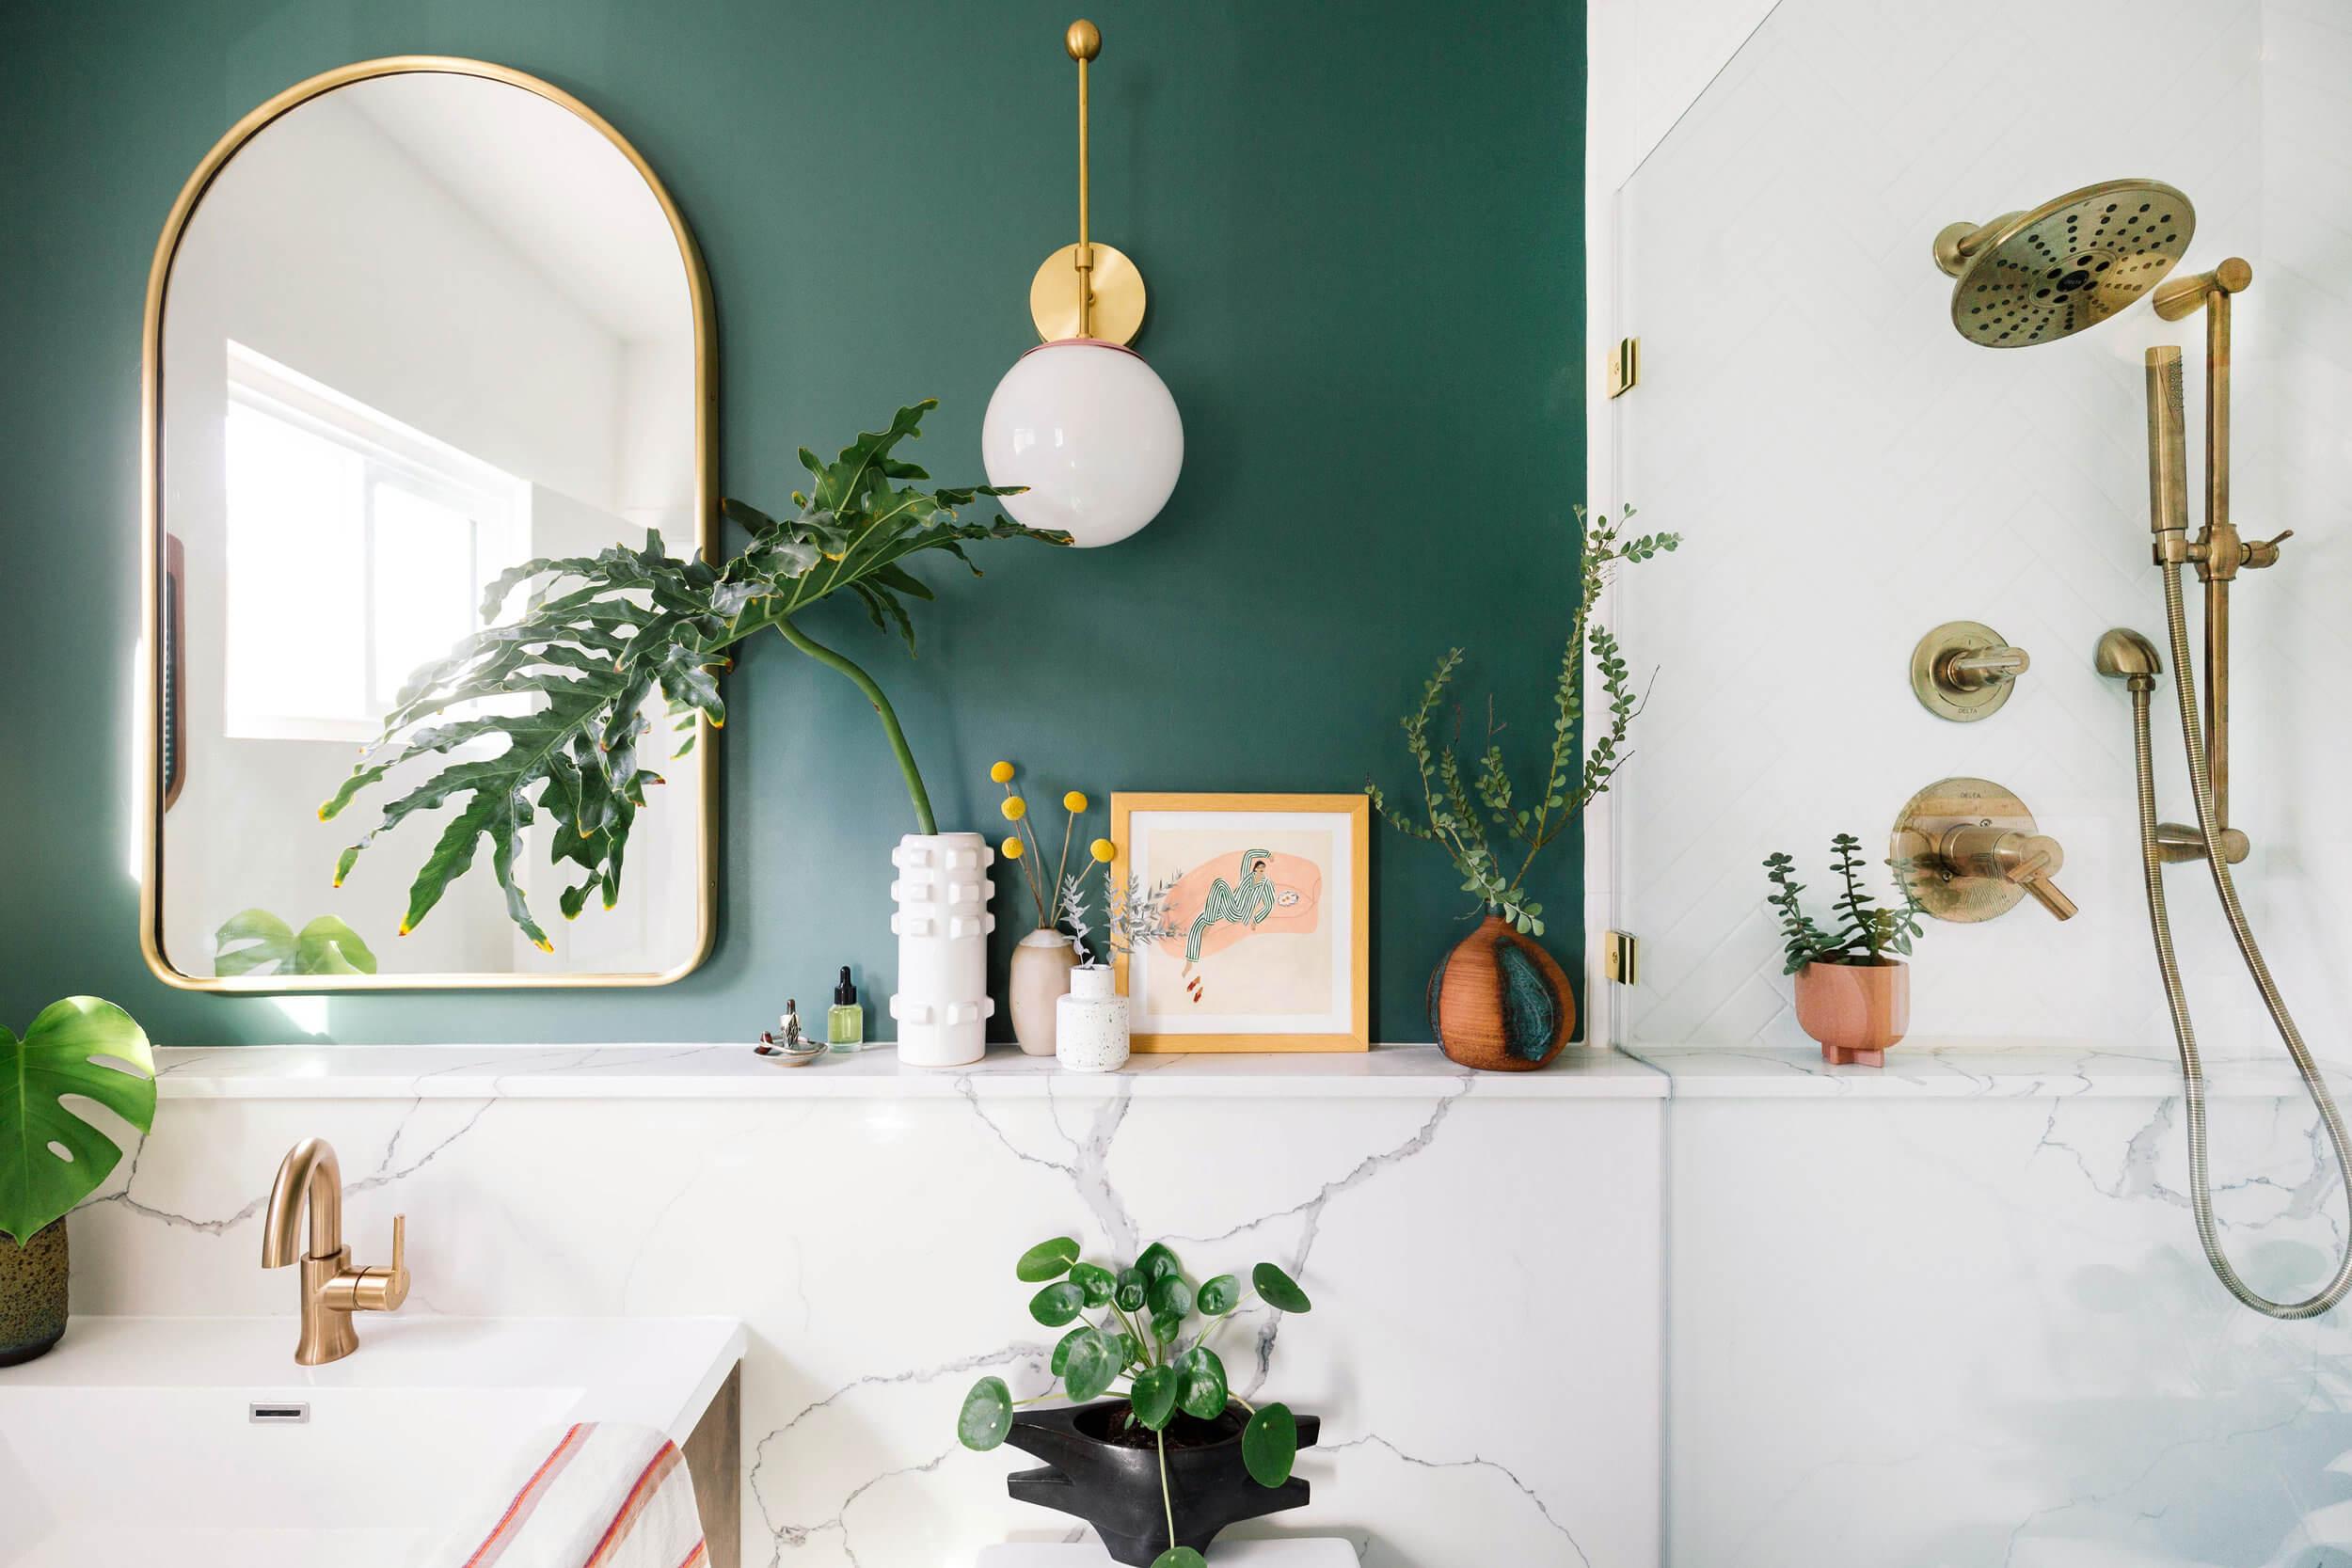 Tendencias en baños en 2019. Zócalos de mármol veteado y pintura en tonos verdes y azulones.